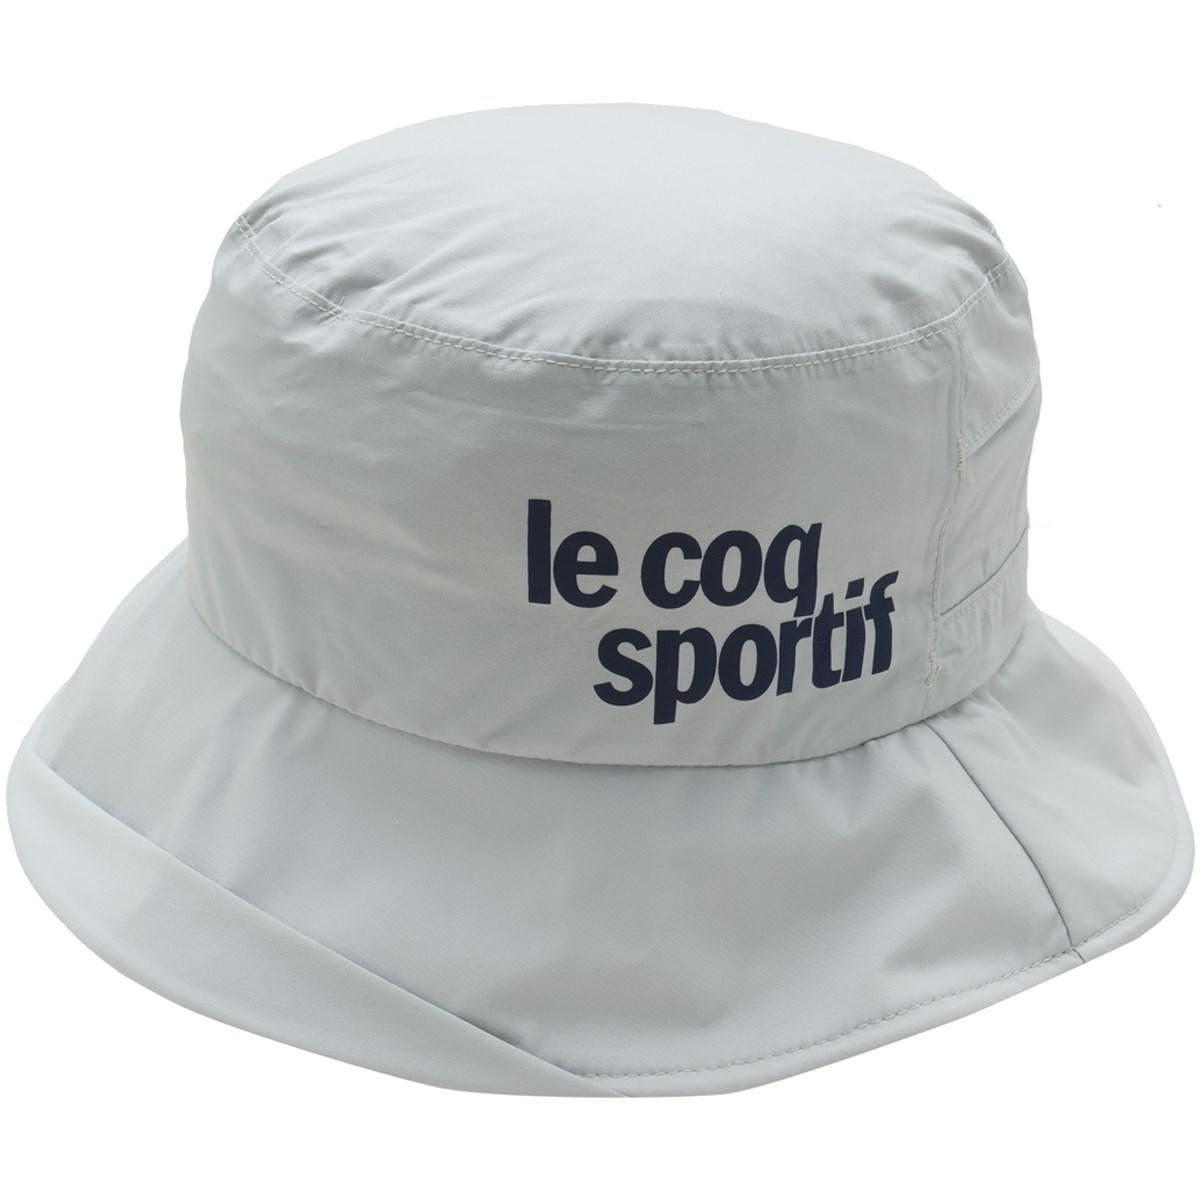 ルコックゴルフ Le coq sportif GOLF レインハット フリー グレー 00